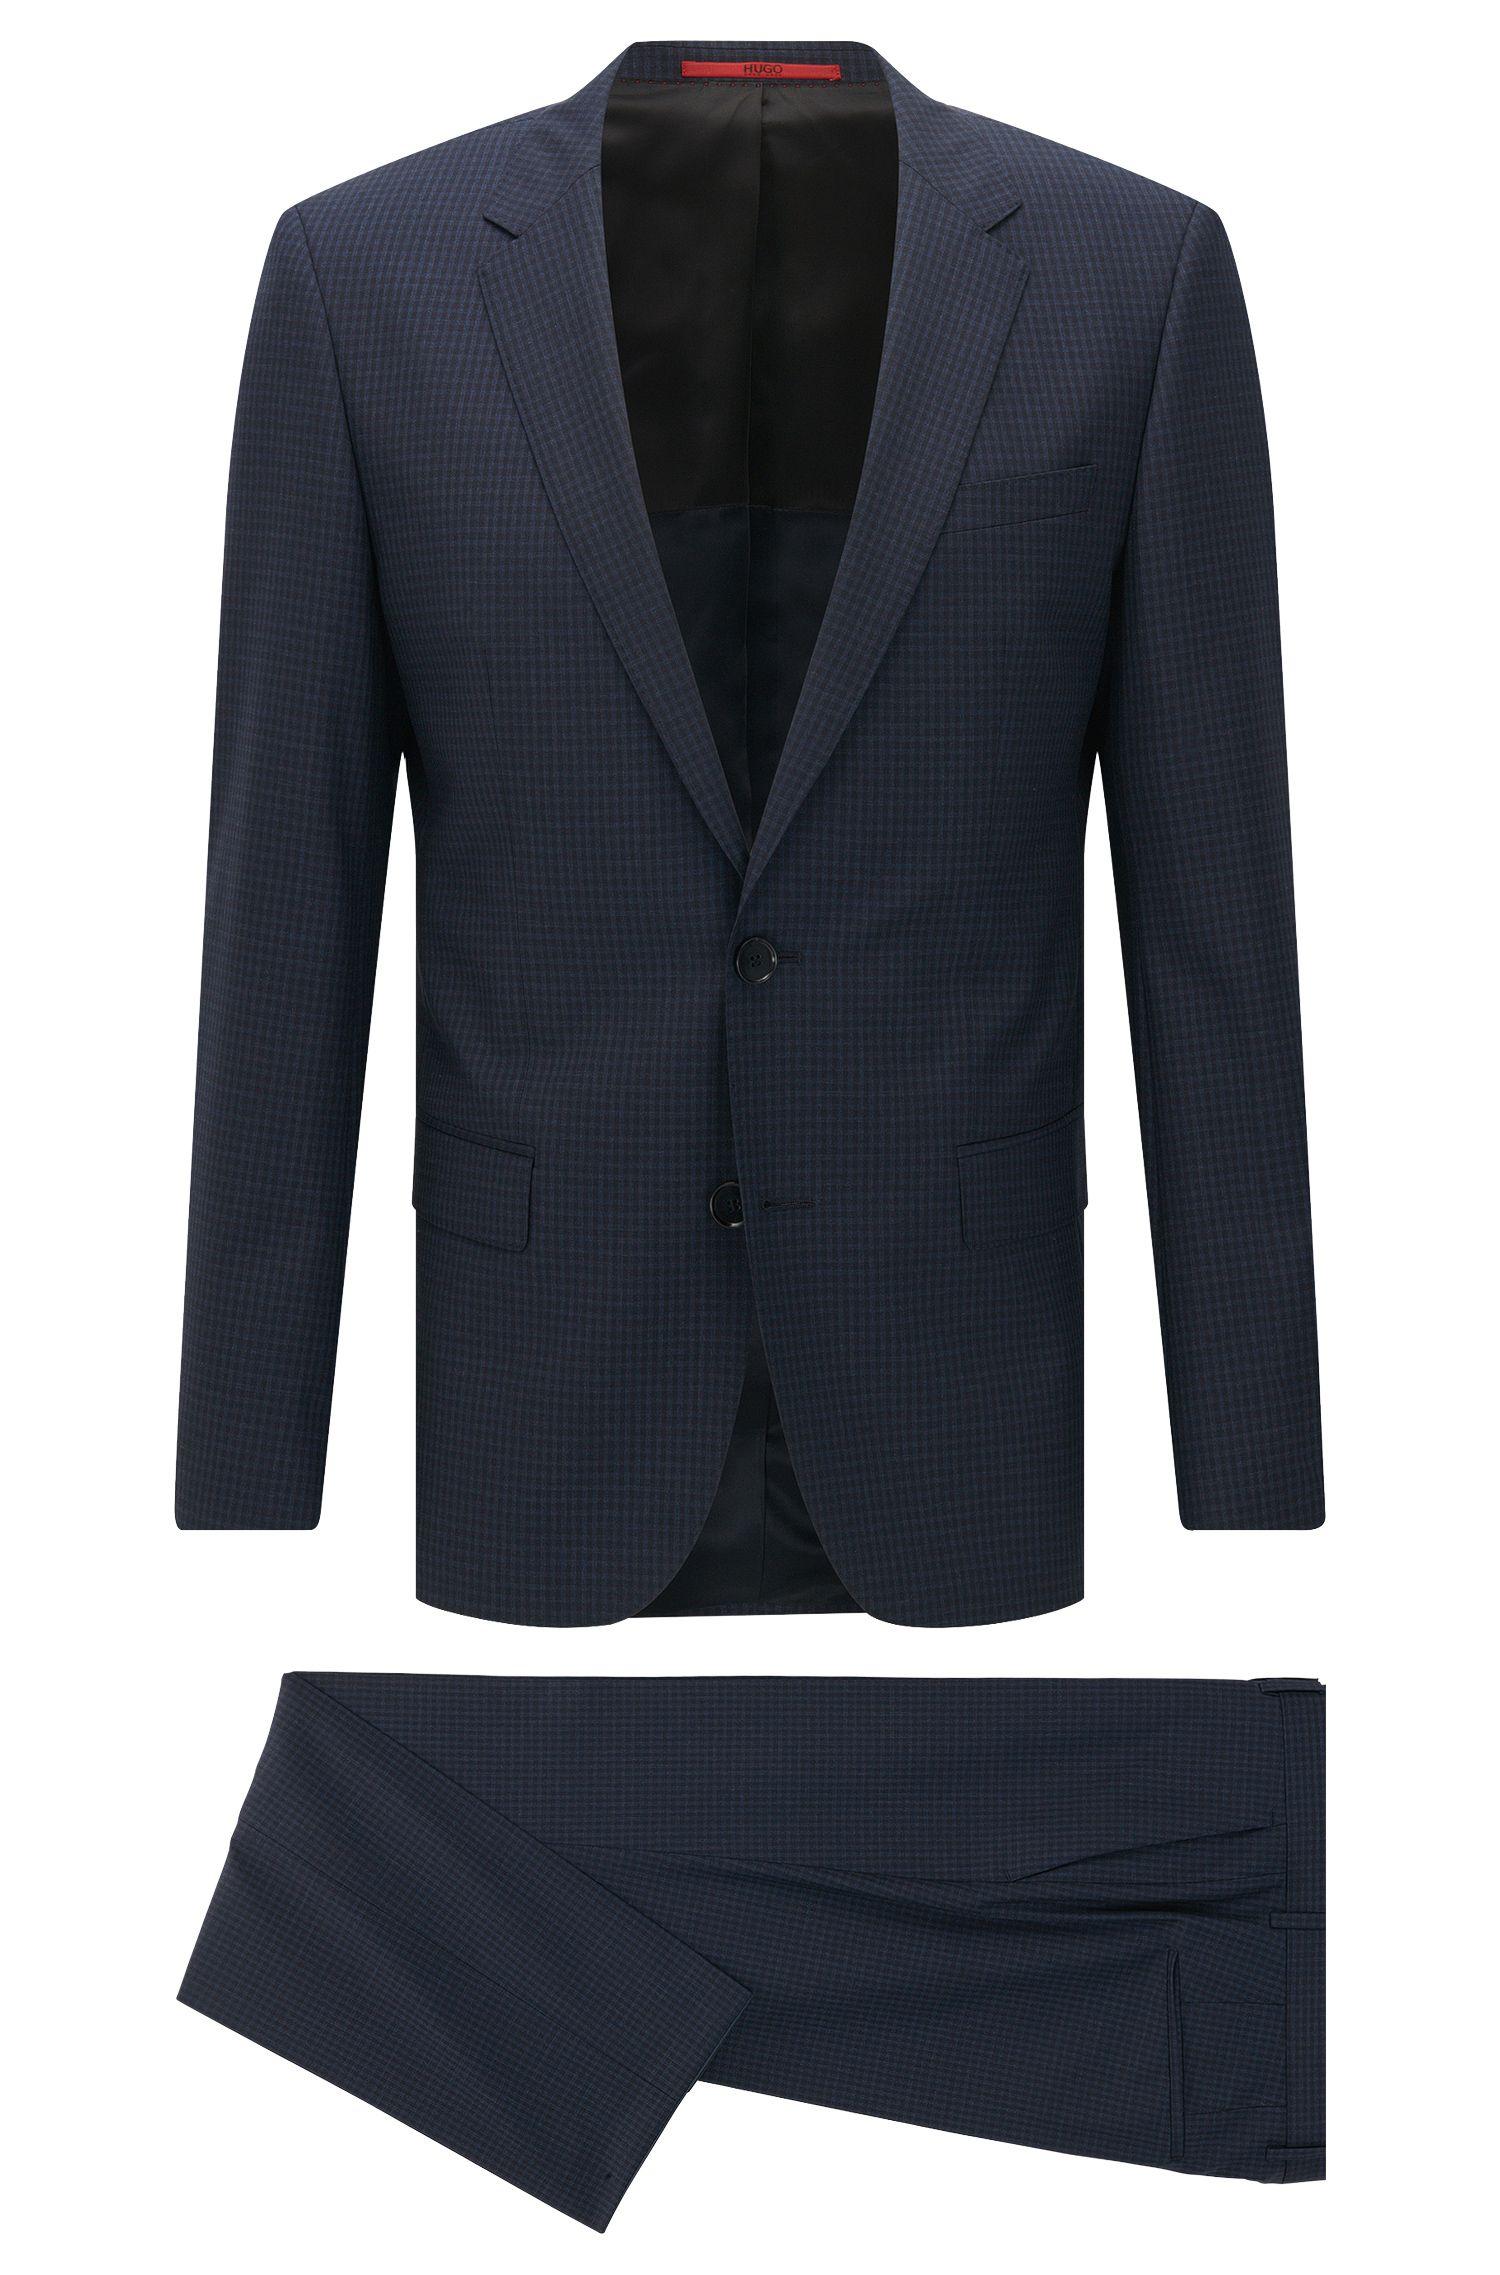 Pincheck Virgin Wool Suit, Slim Fit | C-Huge/C-Genius